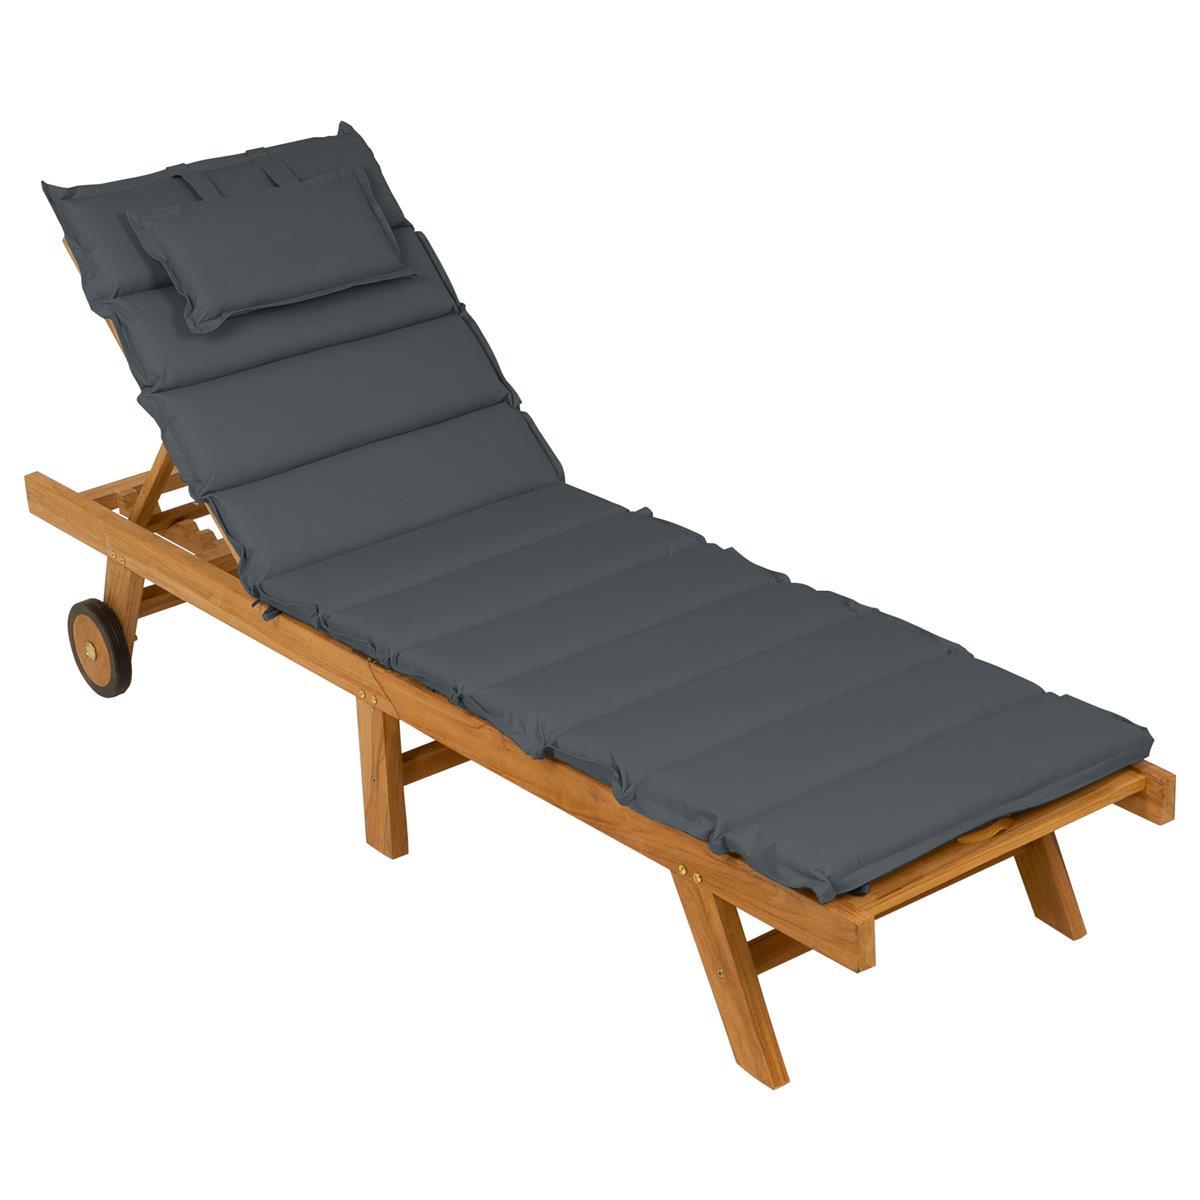 Full Size of Divero Sonnenliege Gartenliege Klappbar Teak Holz Behandelt Ausklappbares Bett Ausklappbar Wohnzimmer Gartenliege Klappbar